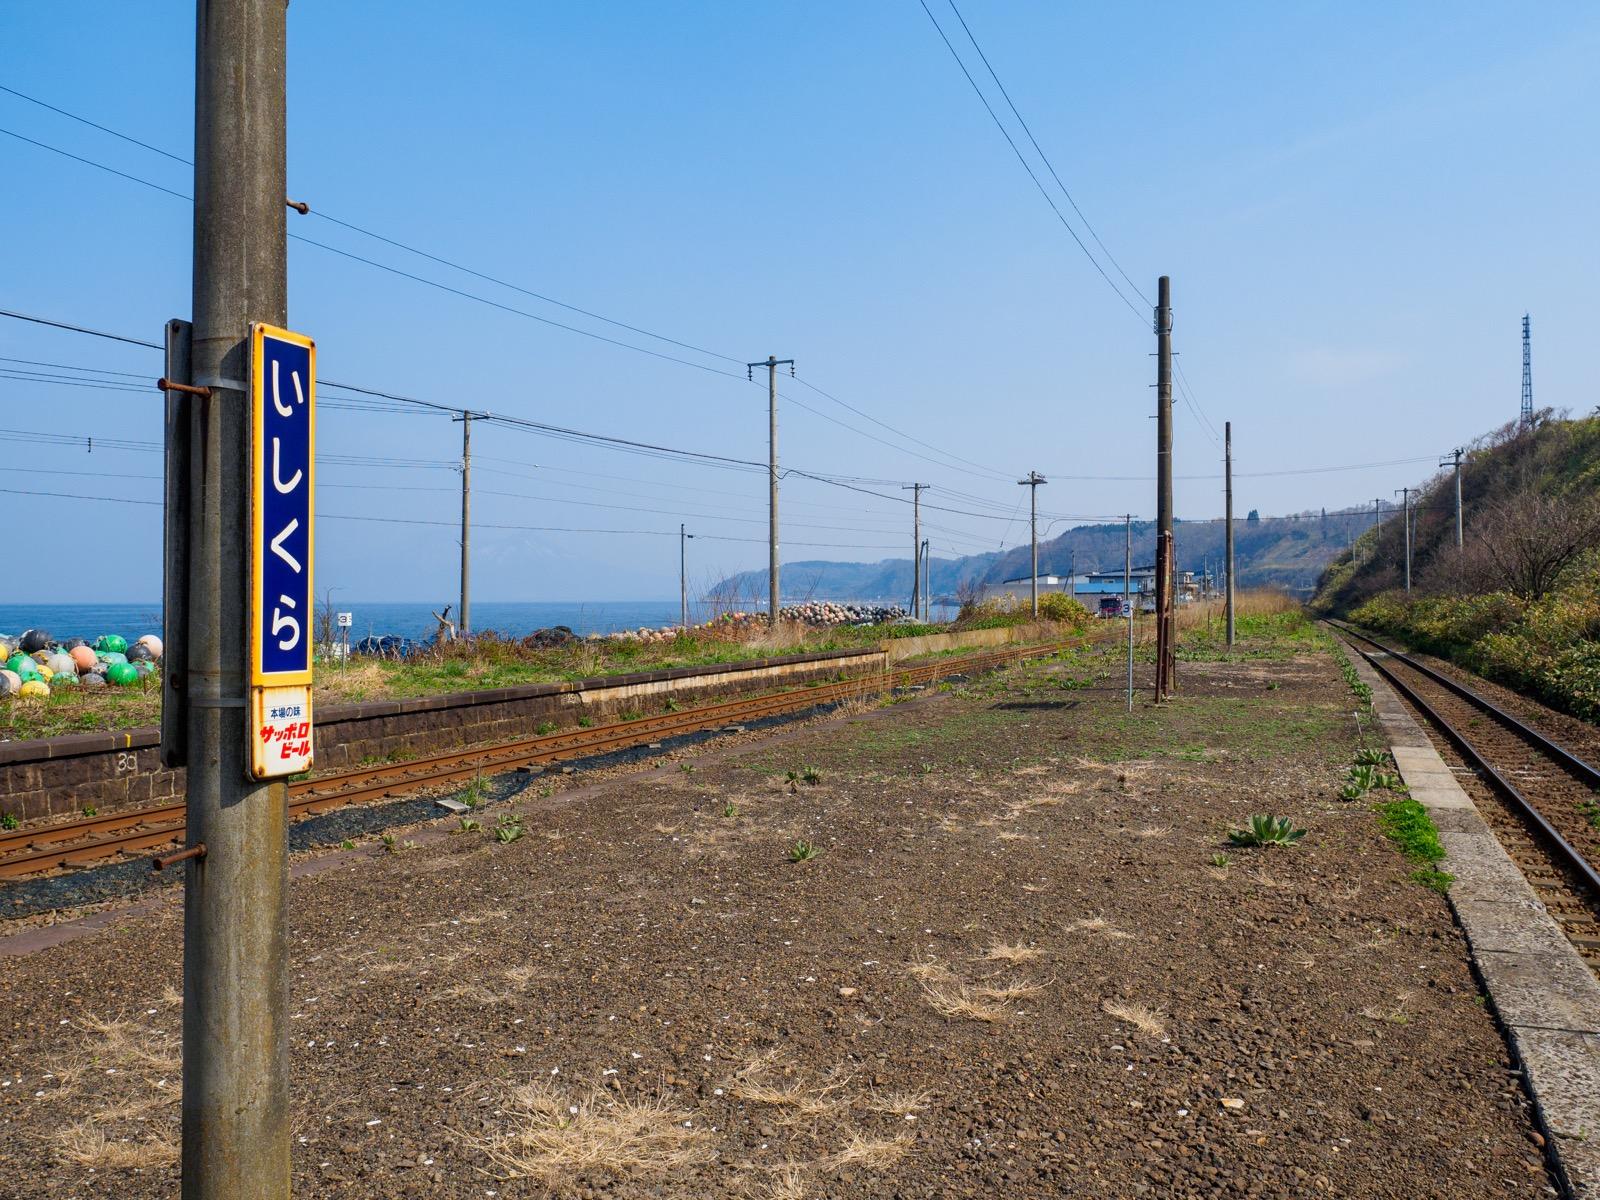 石倉駅のホームと噴火湾(内浦湾)